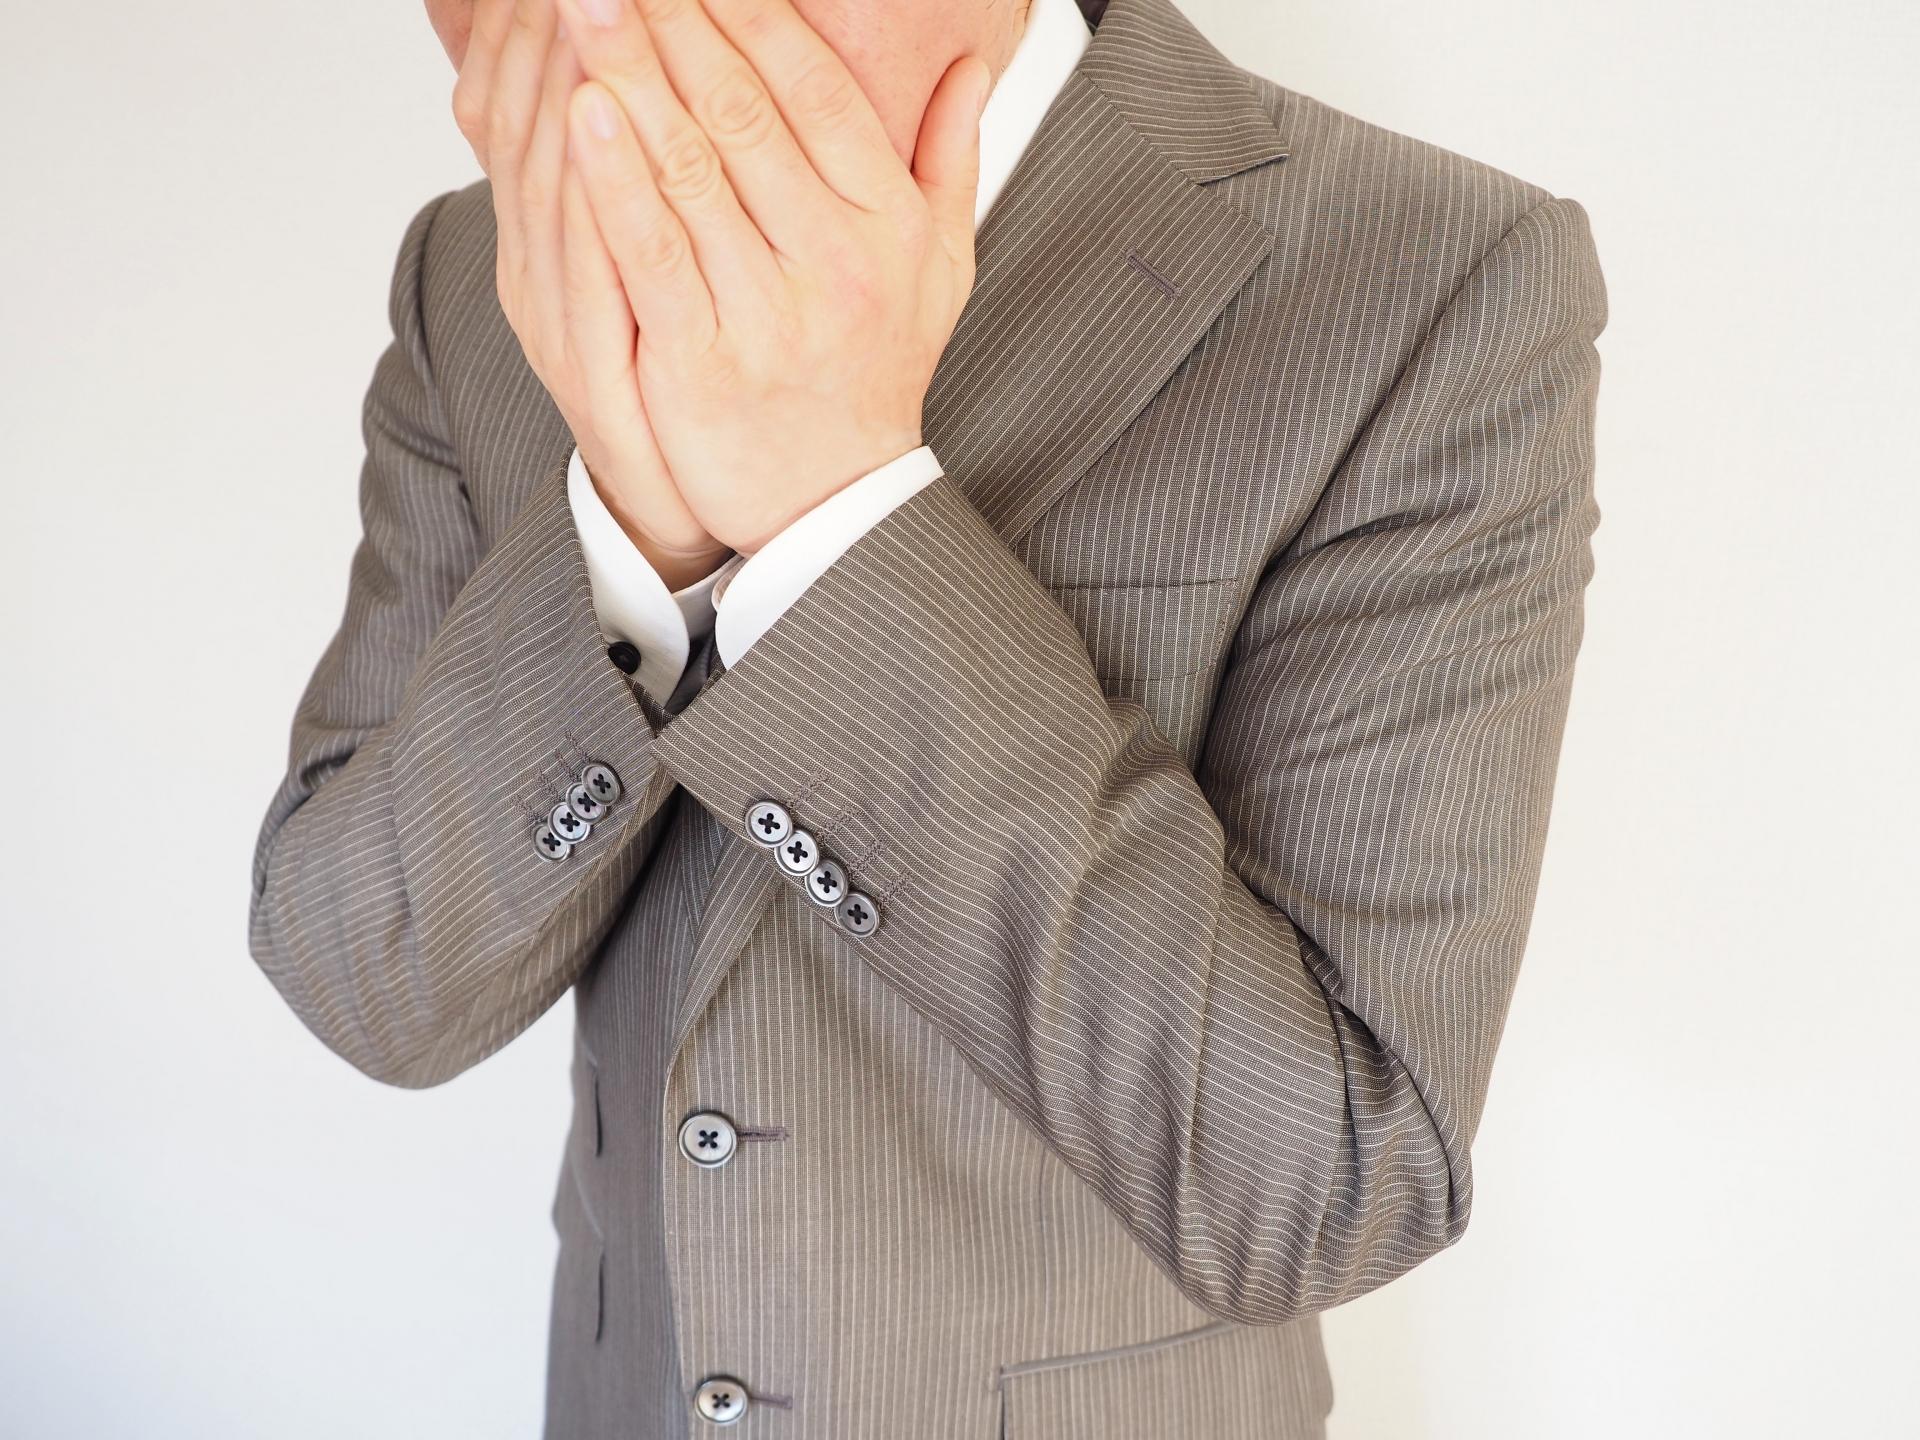 【花粉シーズン到来】マスクをする習慣は日本特有なの!?